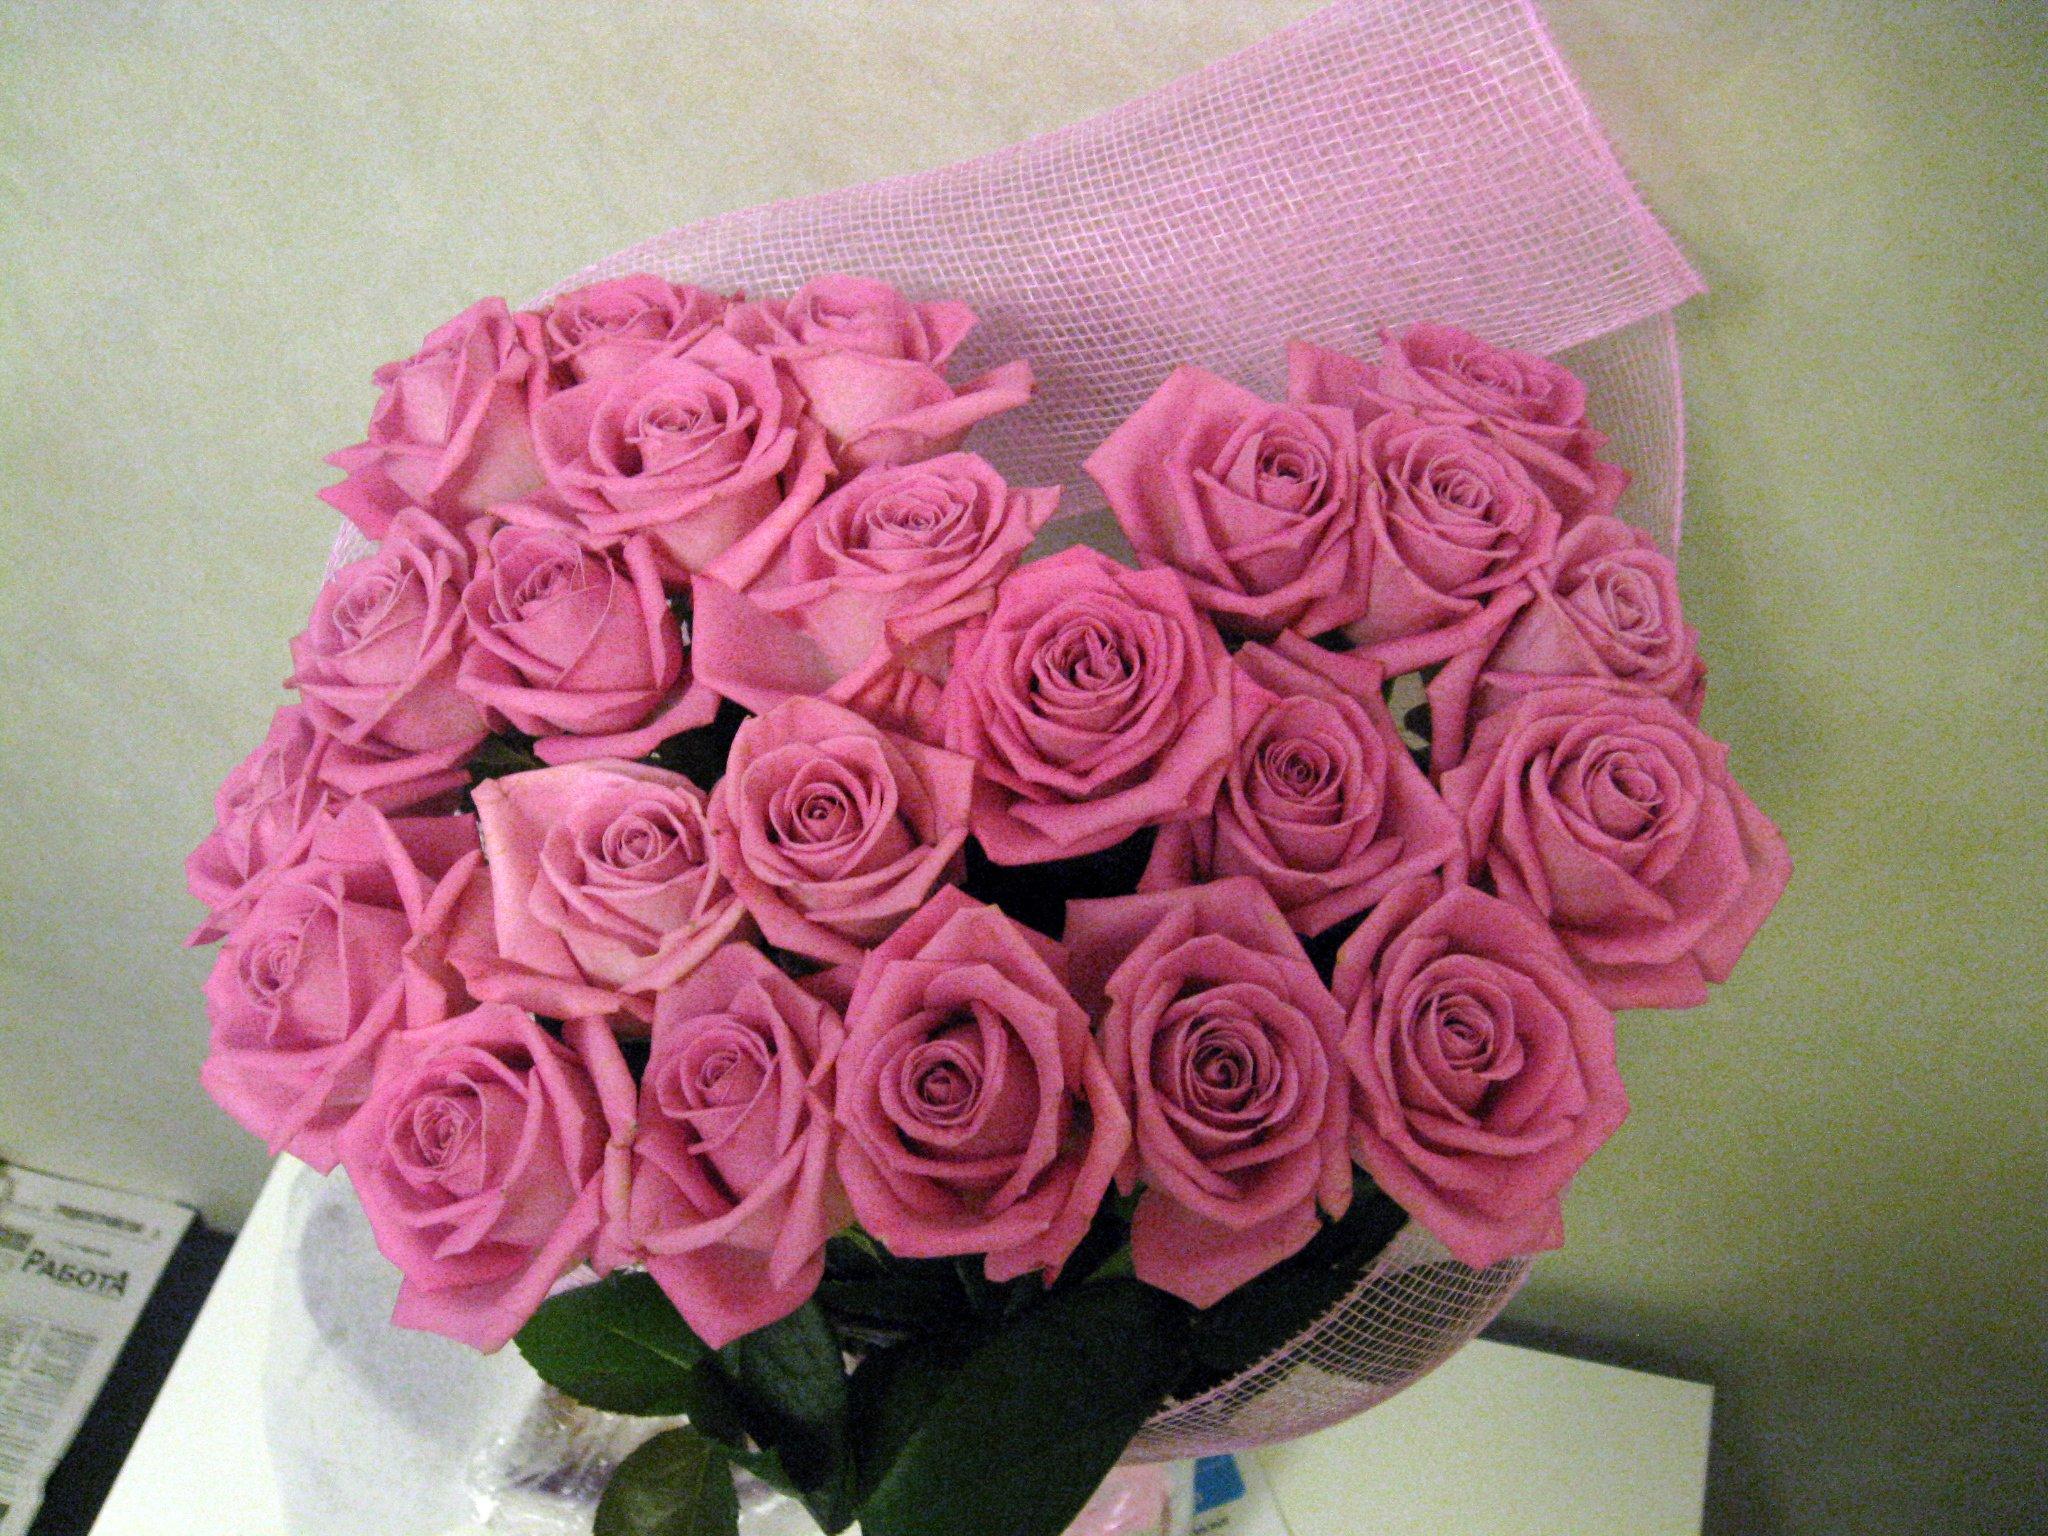 Парень подарил цветы